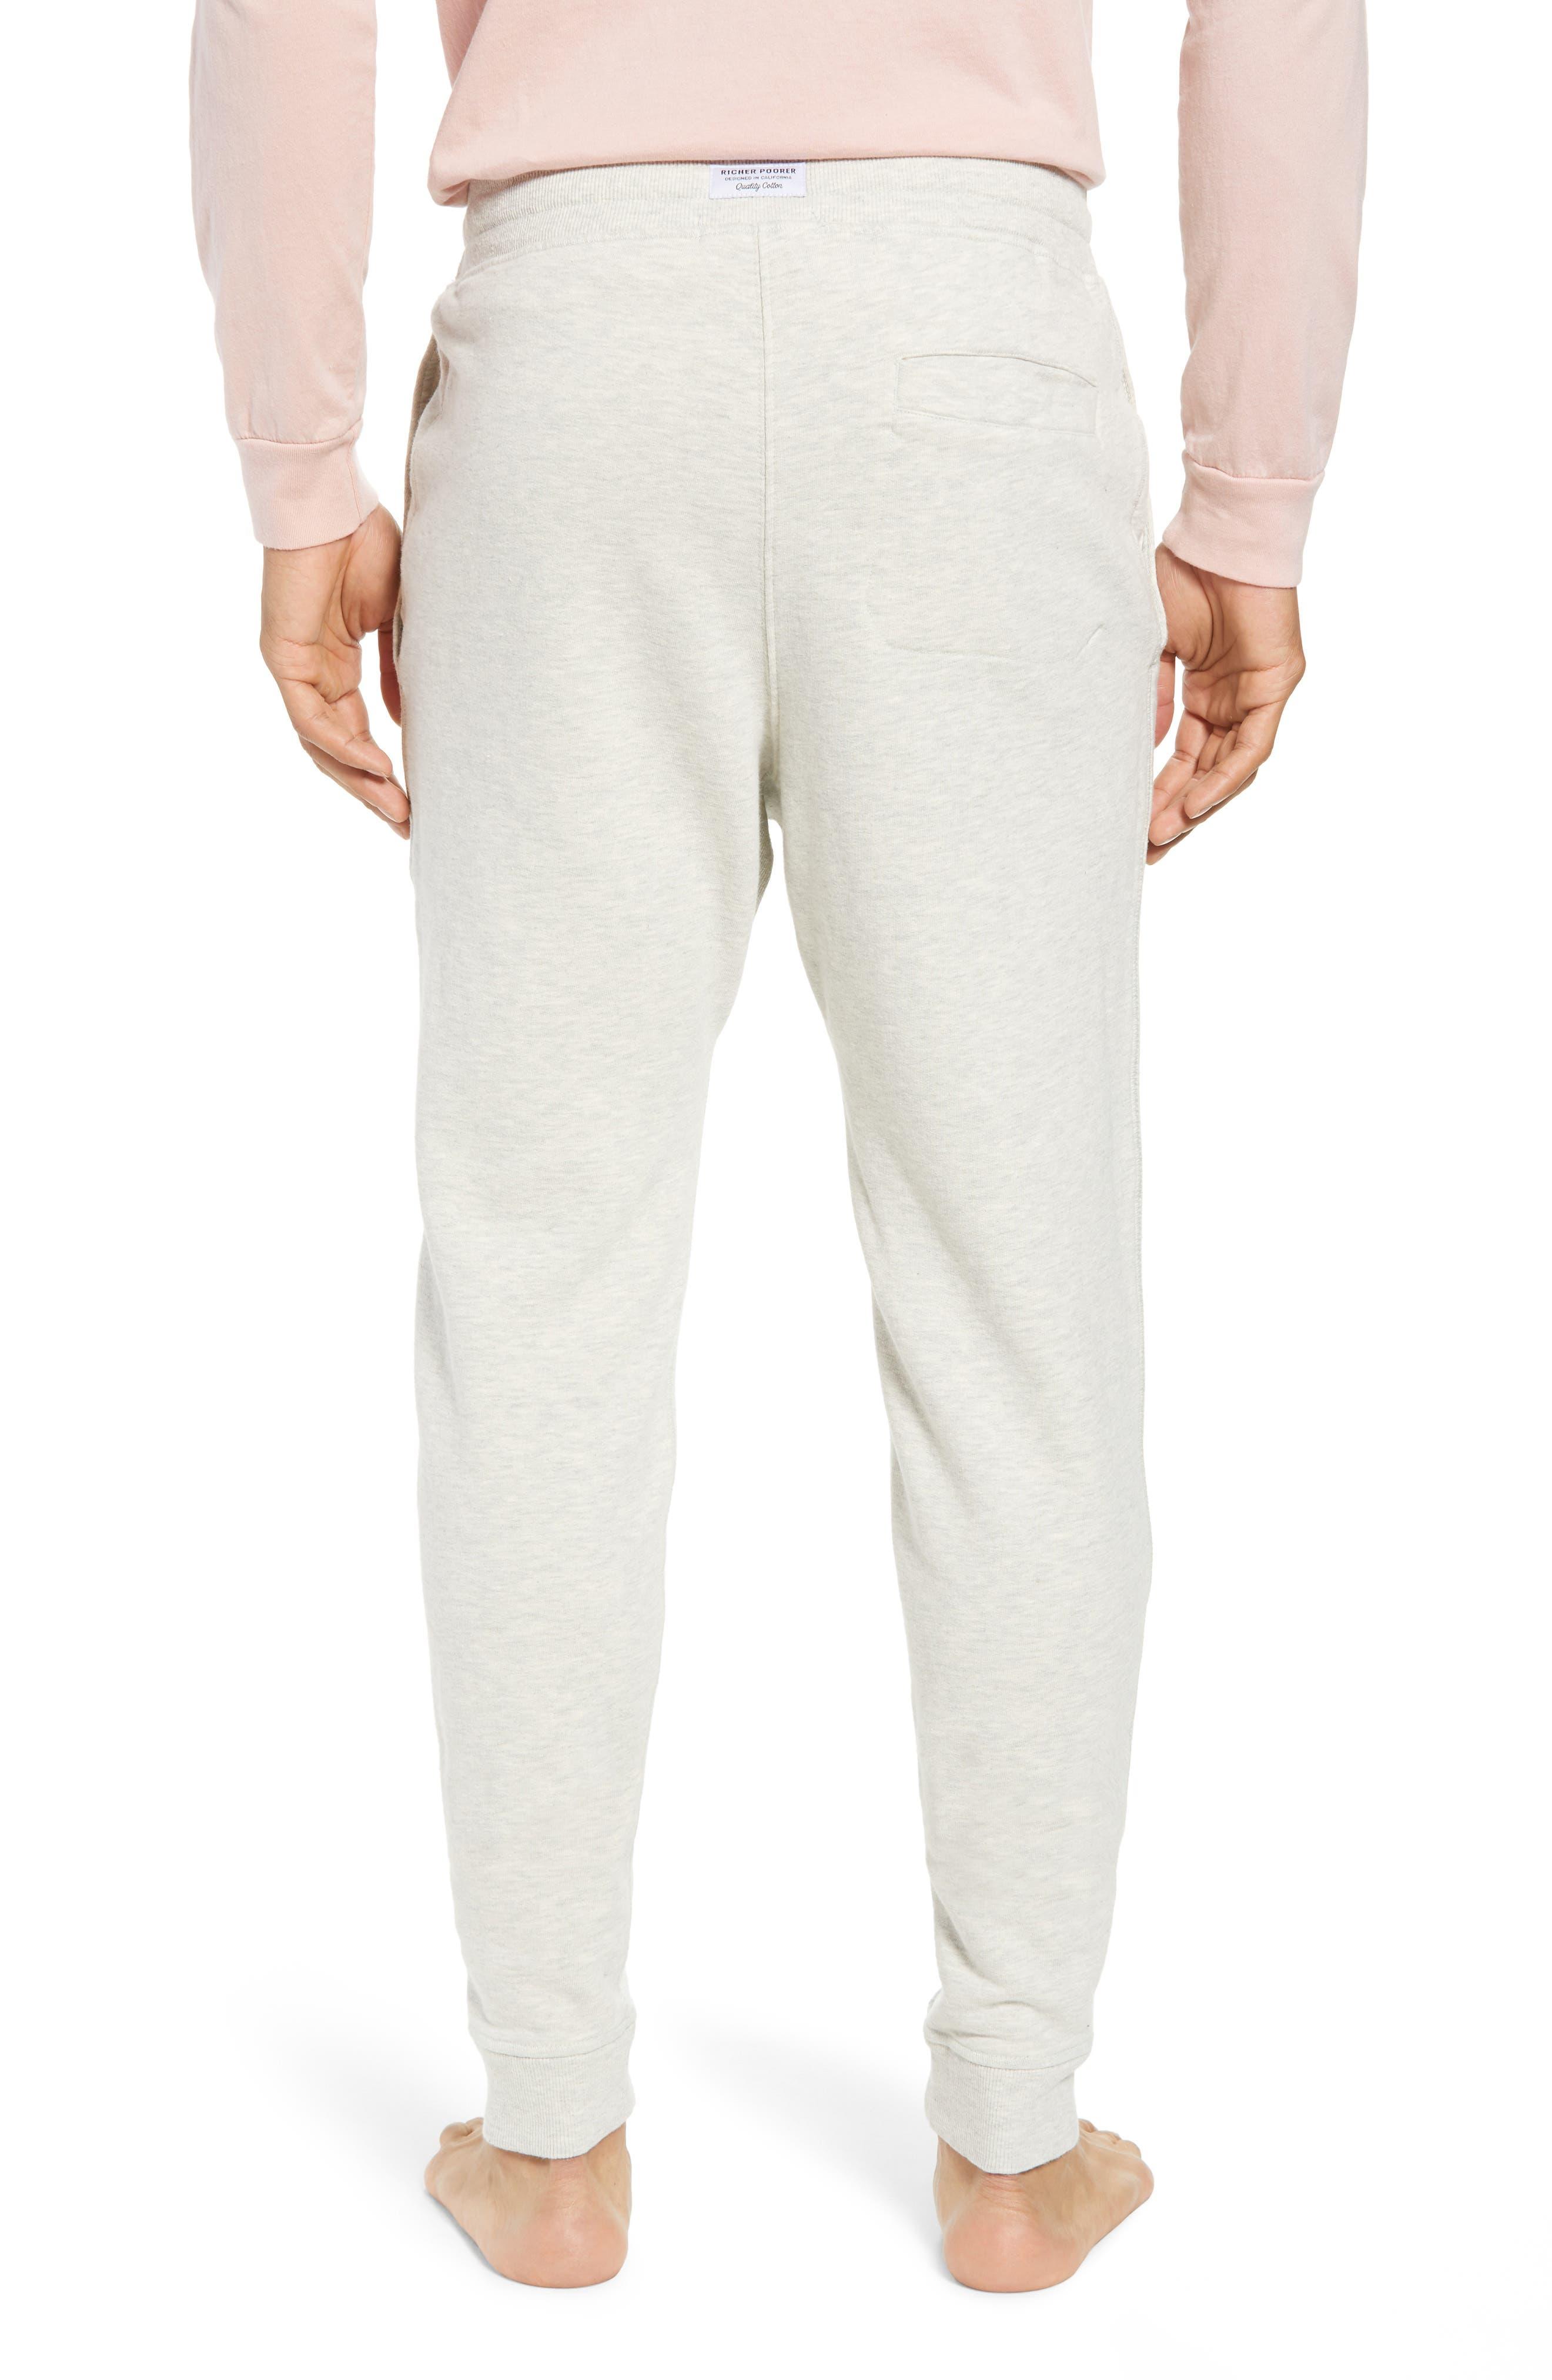 RICHER POORER, Cotton Lounge Pants, Alternate thumbnail 2, color, OATMEAL